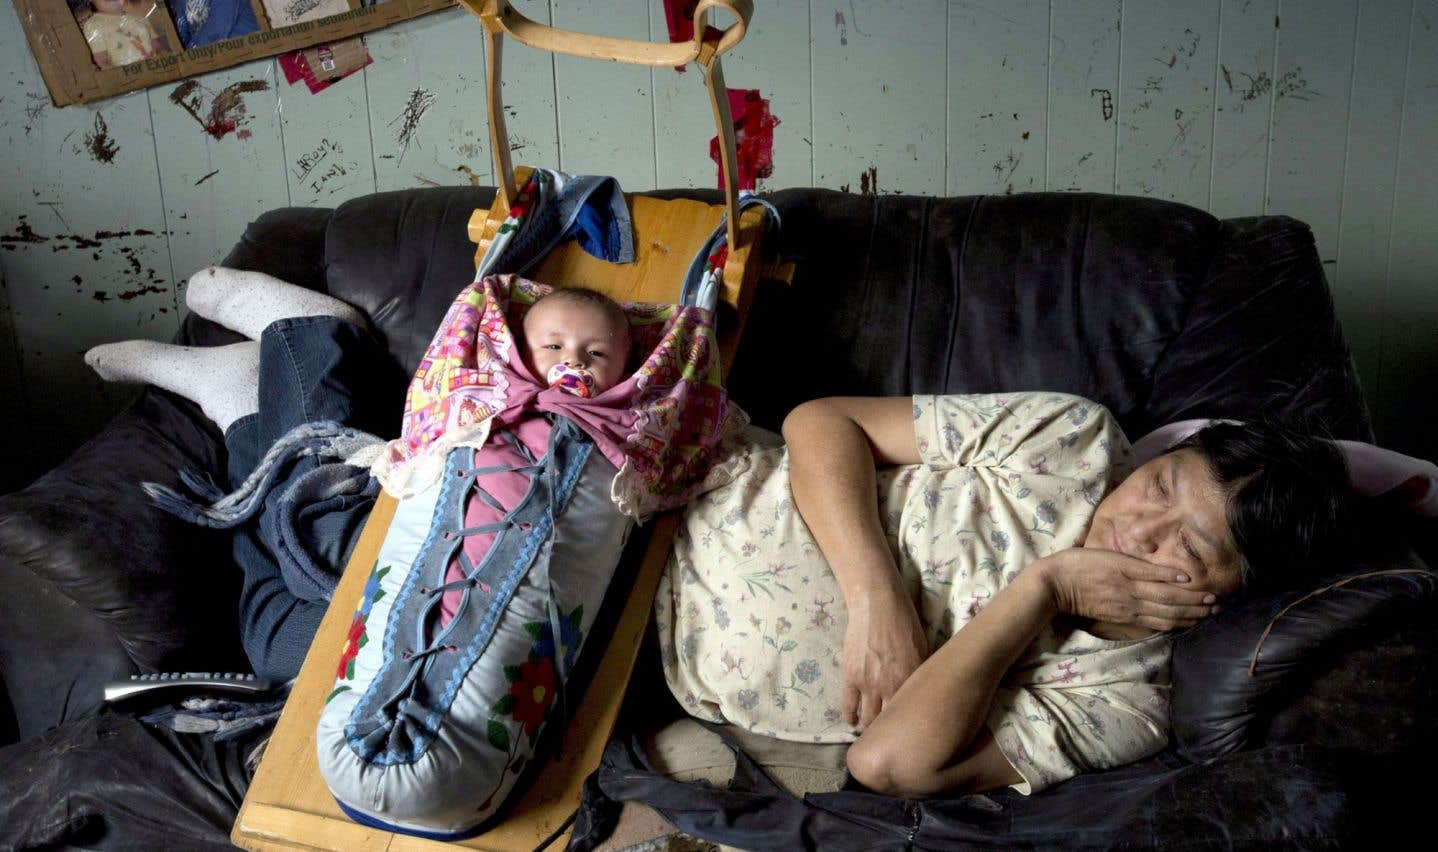 La mortalité infantile est plus élevée dans les communautés autochtones